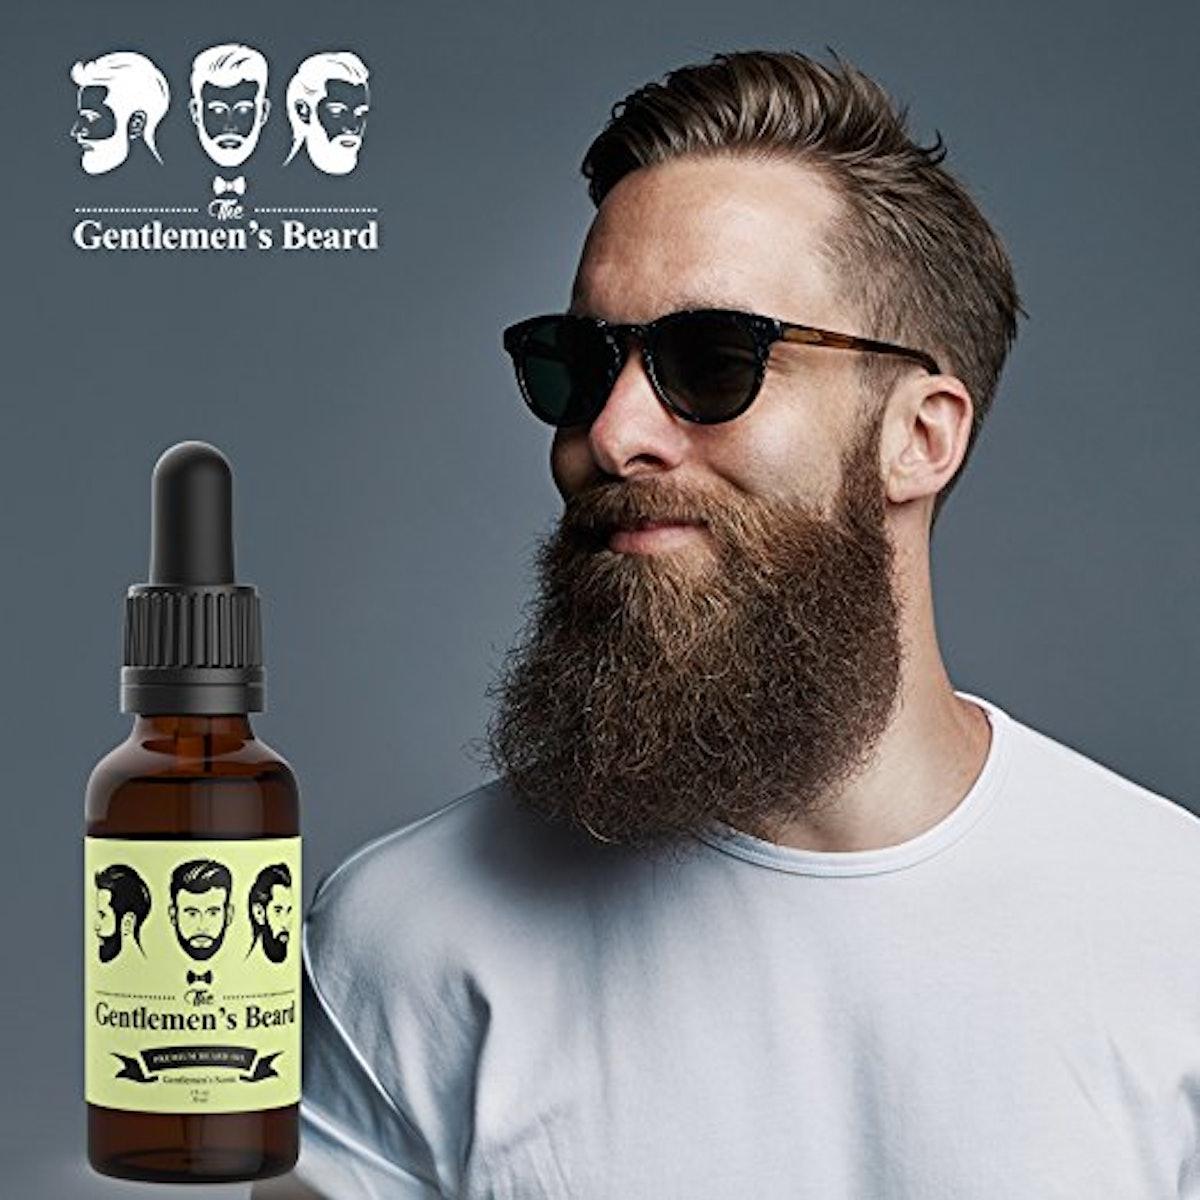 The Gentleman's Beard Oil